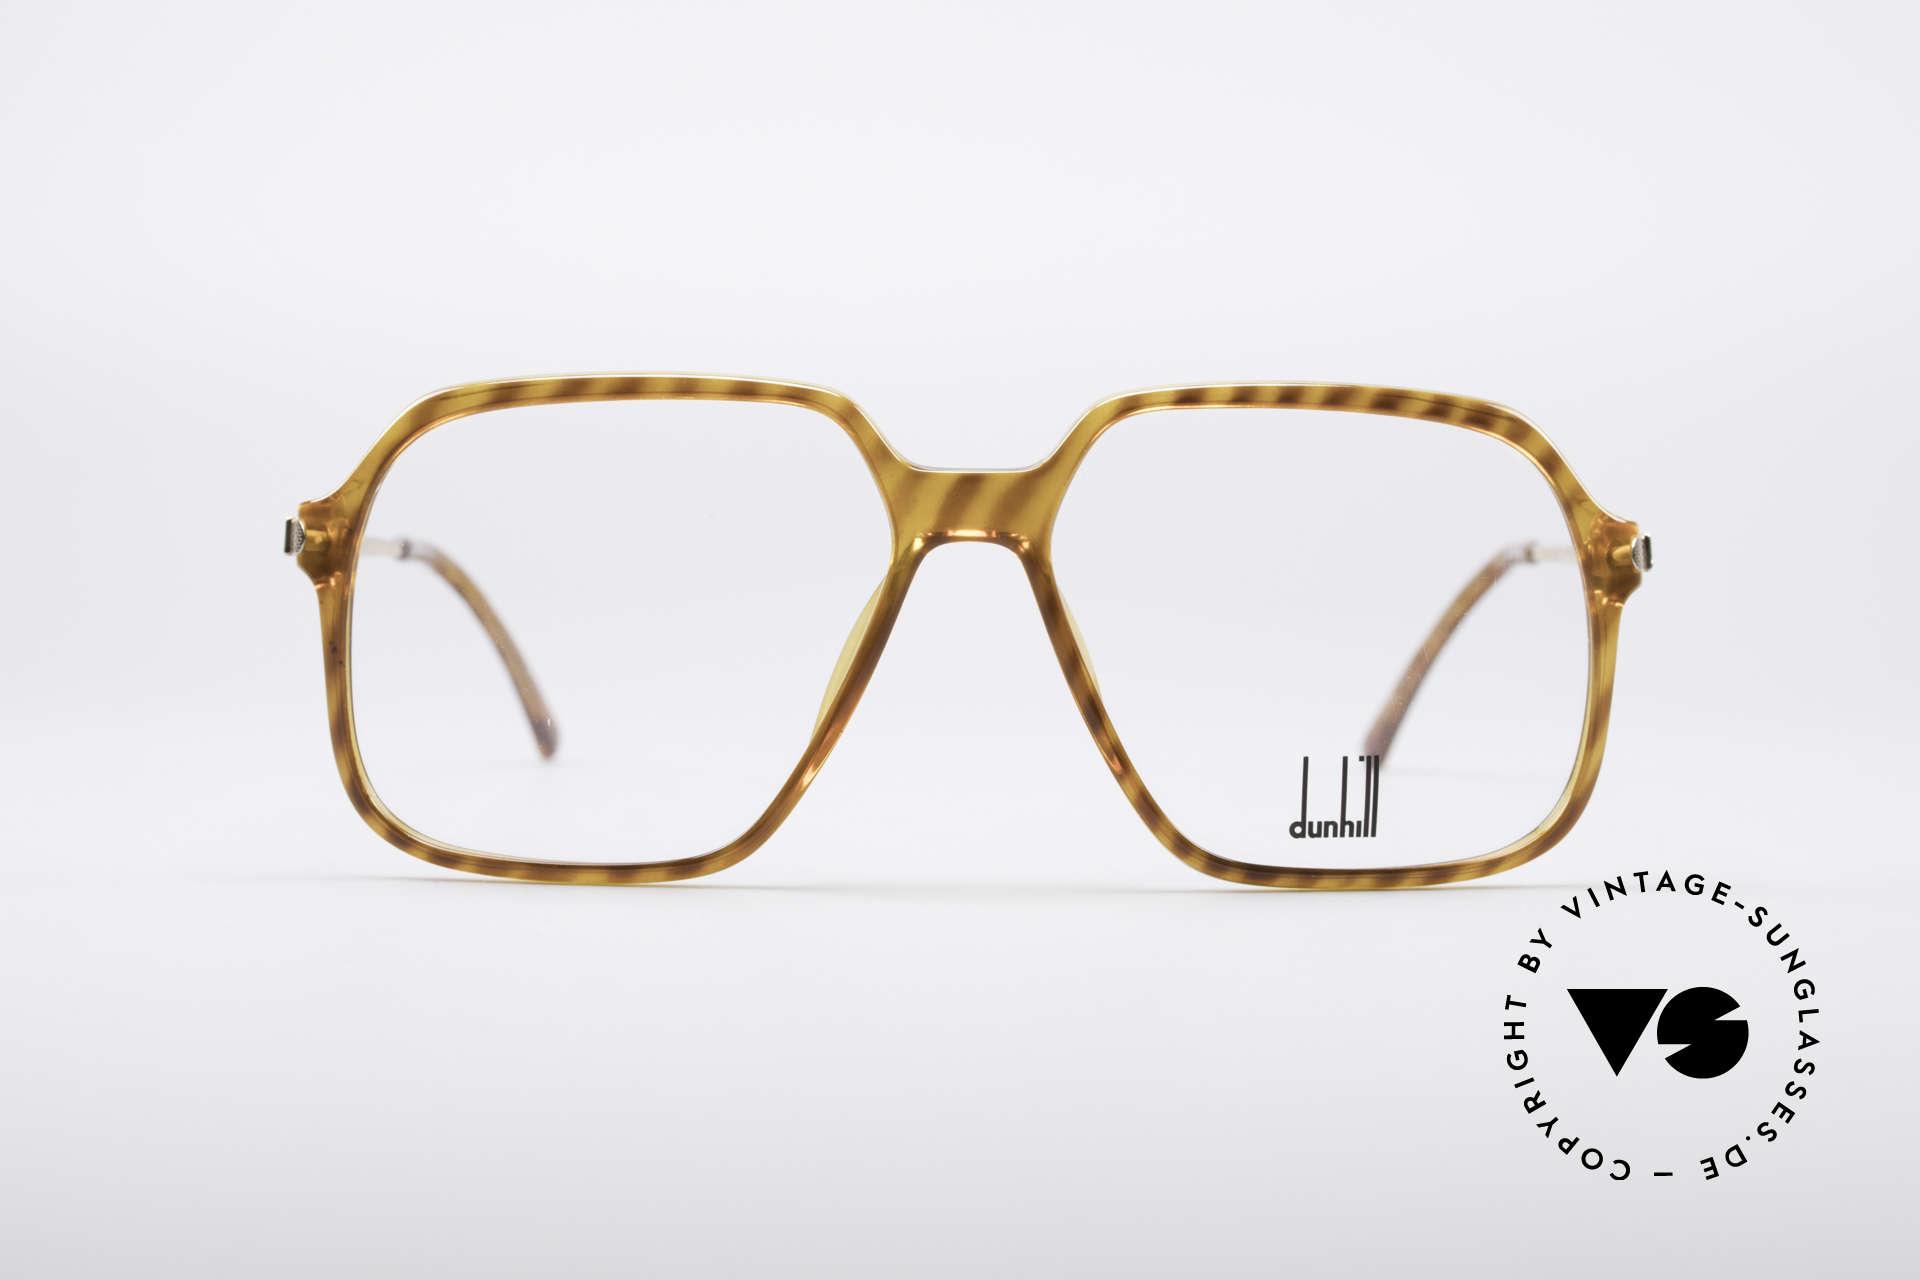 """Dunhill 6108 Jay Z Hip Hop Vintage Brille, absolute """"Old School"""" Brille aus dem Jahre 1990, Passend für Herren"""